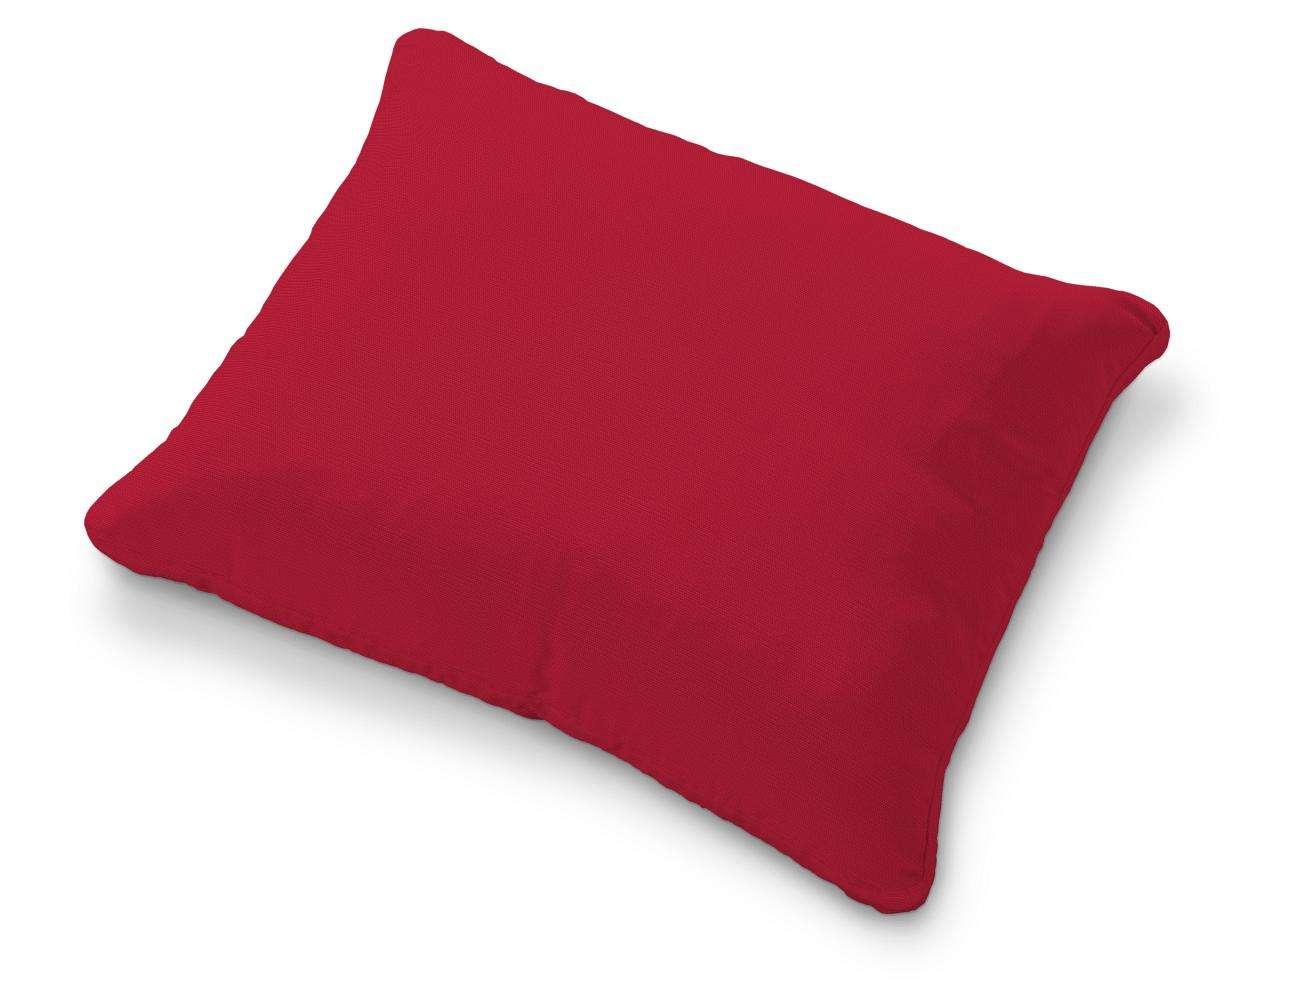 Karlstad pagalvėlės užvalkalas(58 cm x 48 cm) Karlstad pagavėlės užvalkalas 58x48cm kolekcijoje Cotton Panama, audinys: 702-04